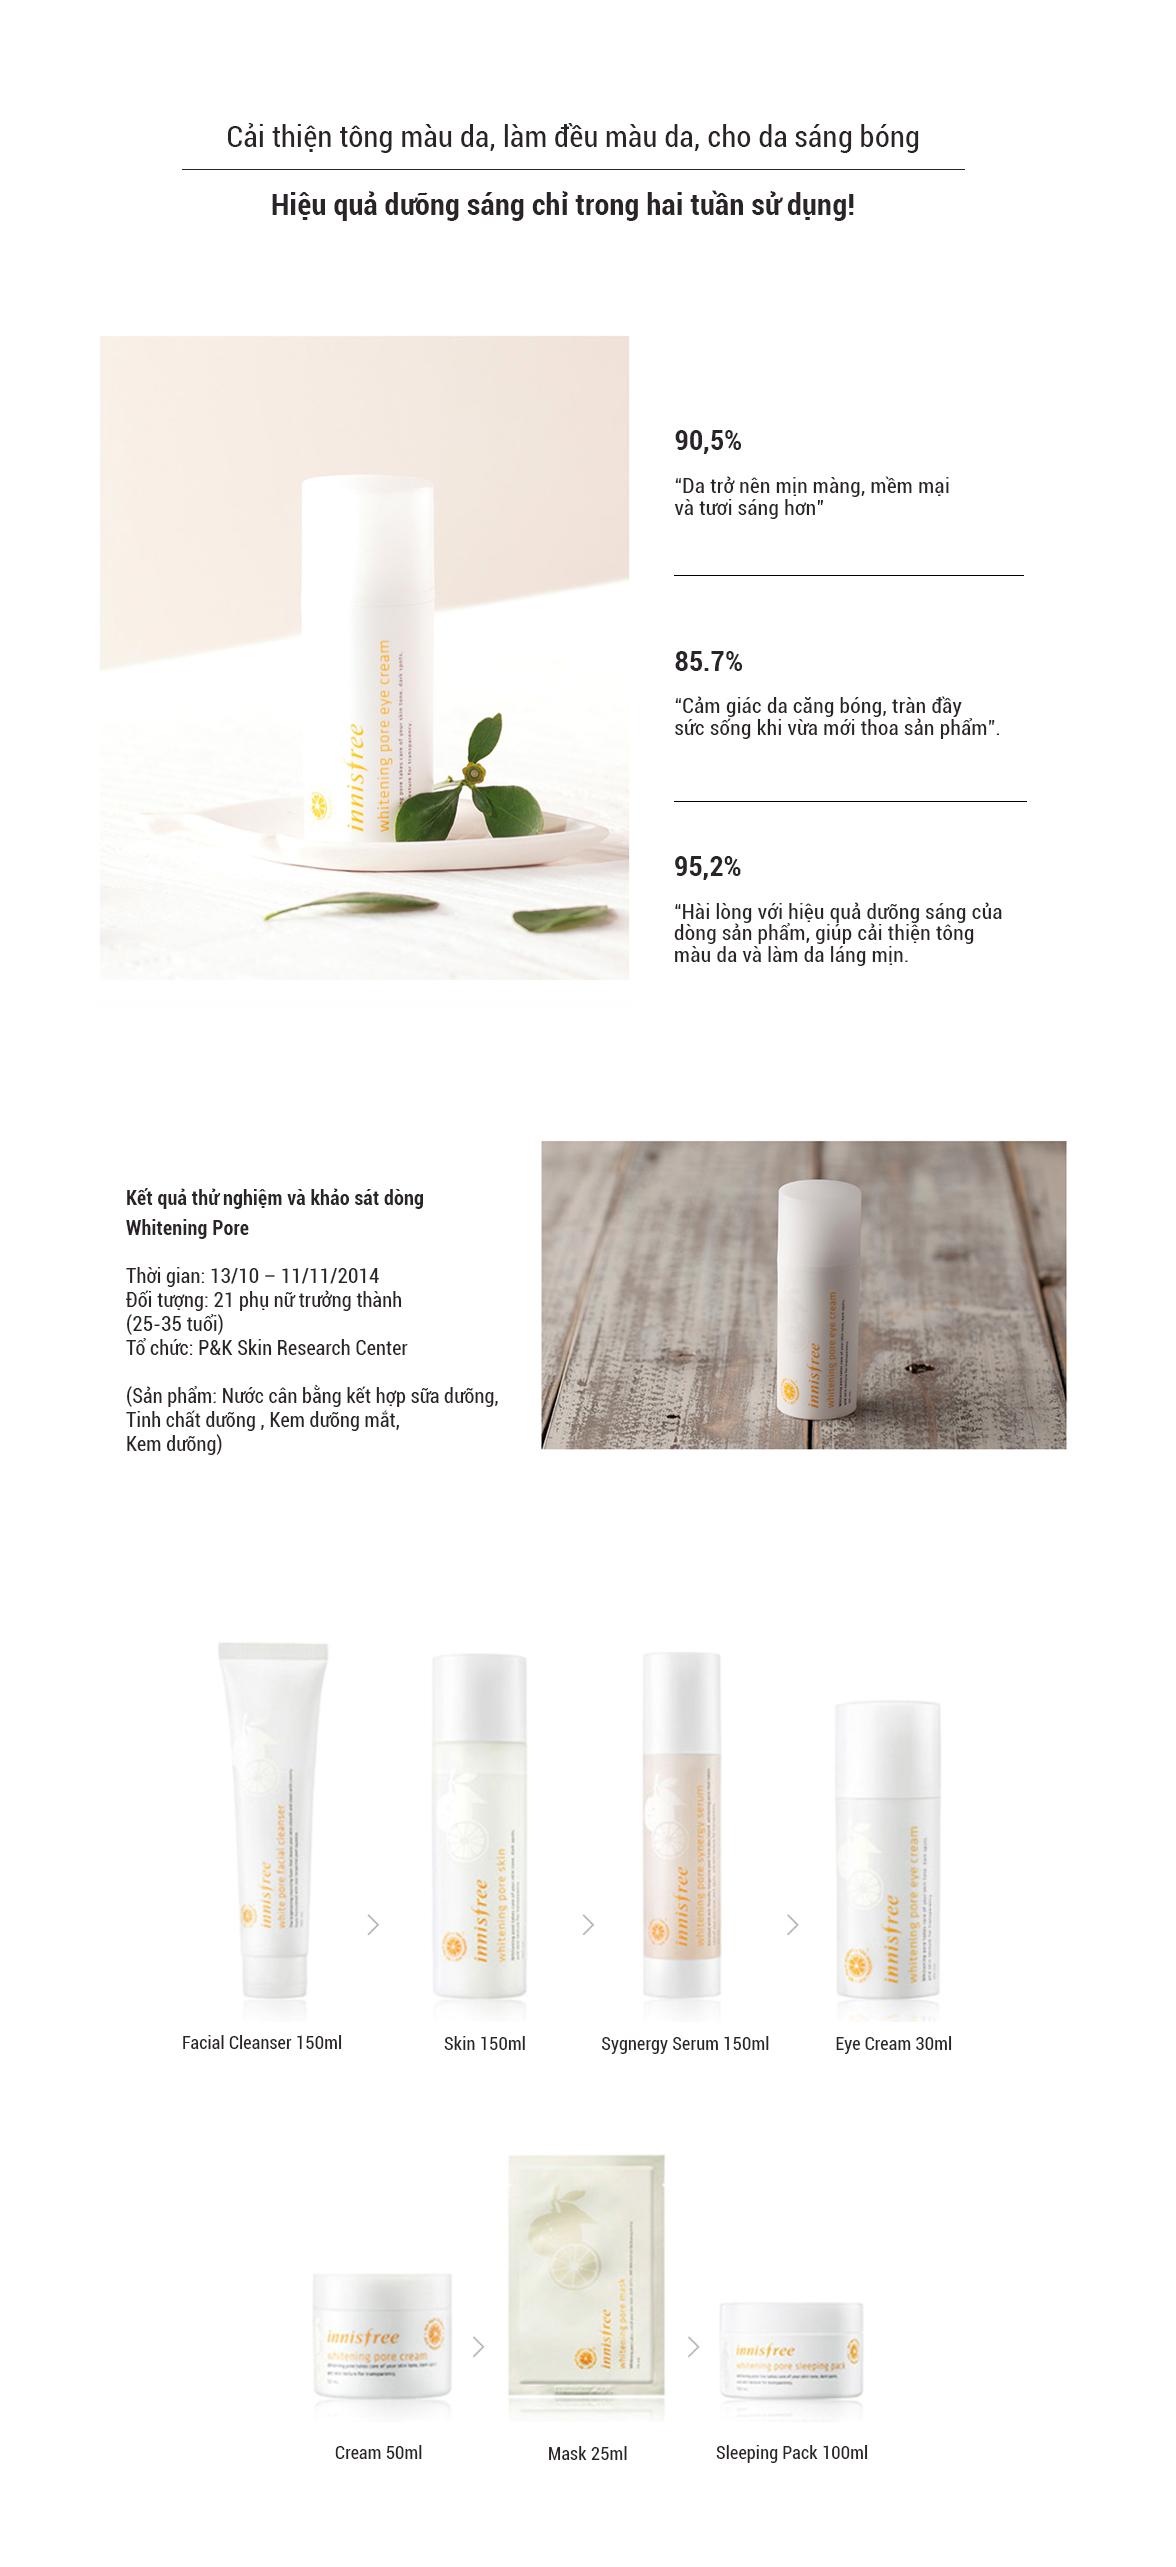 Kem Dưỡng Làm Sáng Da Vùng Mắt Từ Vỏ Quýt Tươi Jeju Innisfree Whitening Pore Eye Cream (30ml)